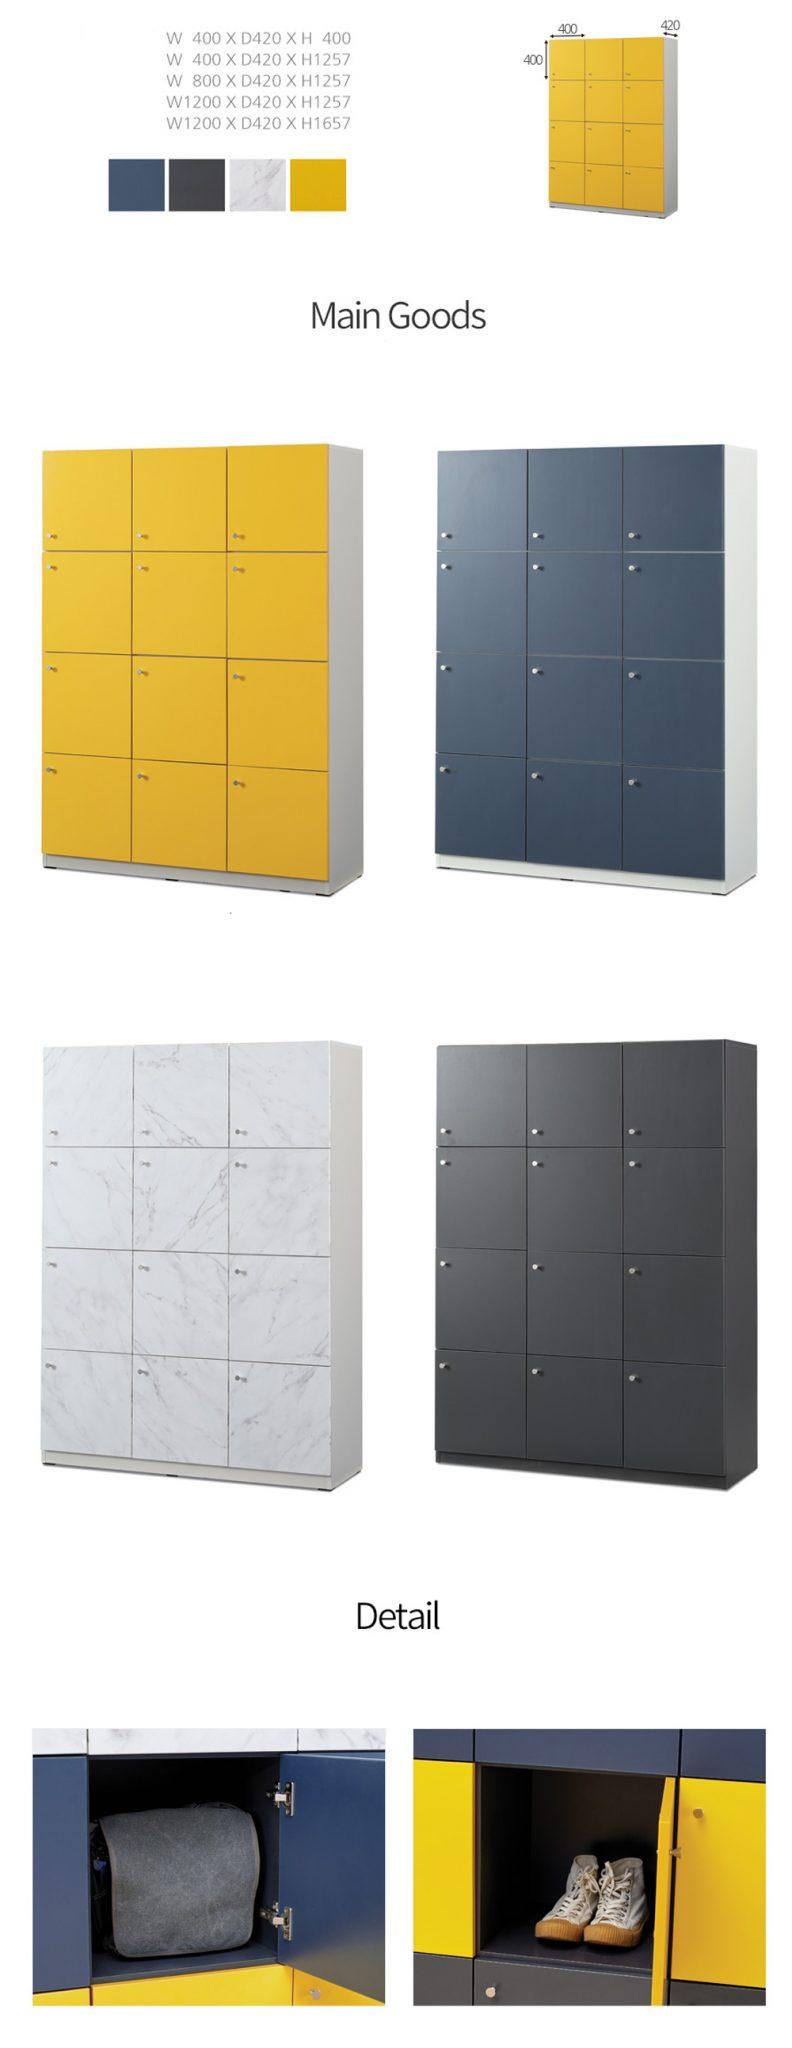 Tủ đa dạng màu sắc, thiết kế ngăn tủ phù hợp với tủ nhất, thường được sắp xếp theo 3 6 9 ngăn liên kết với nhau.